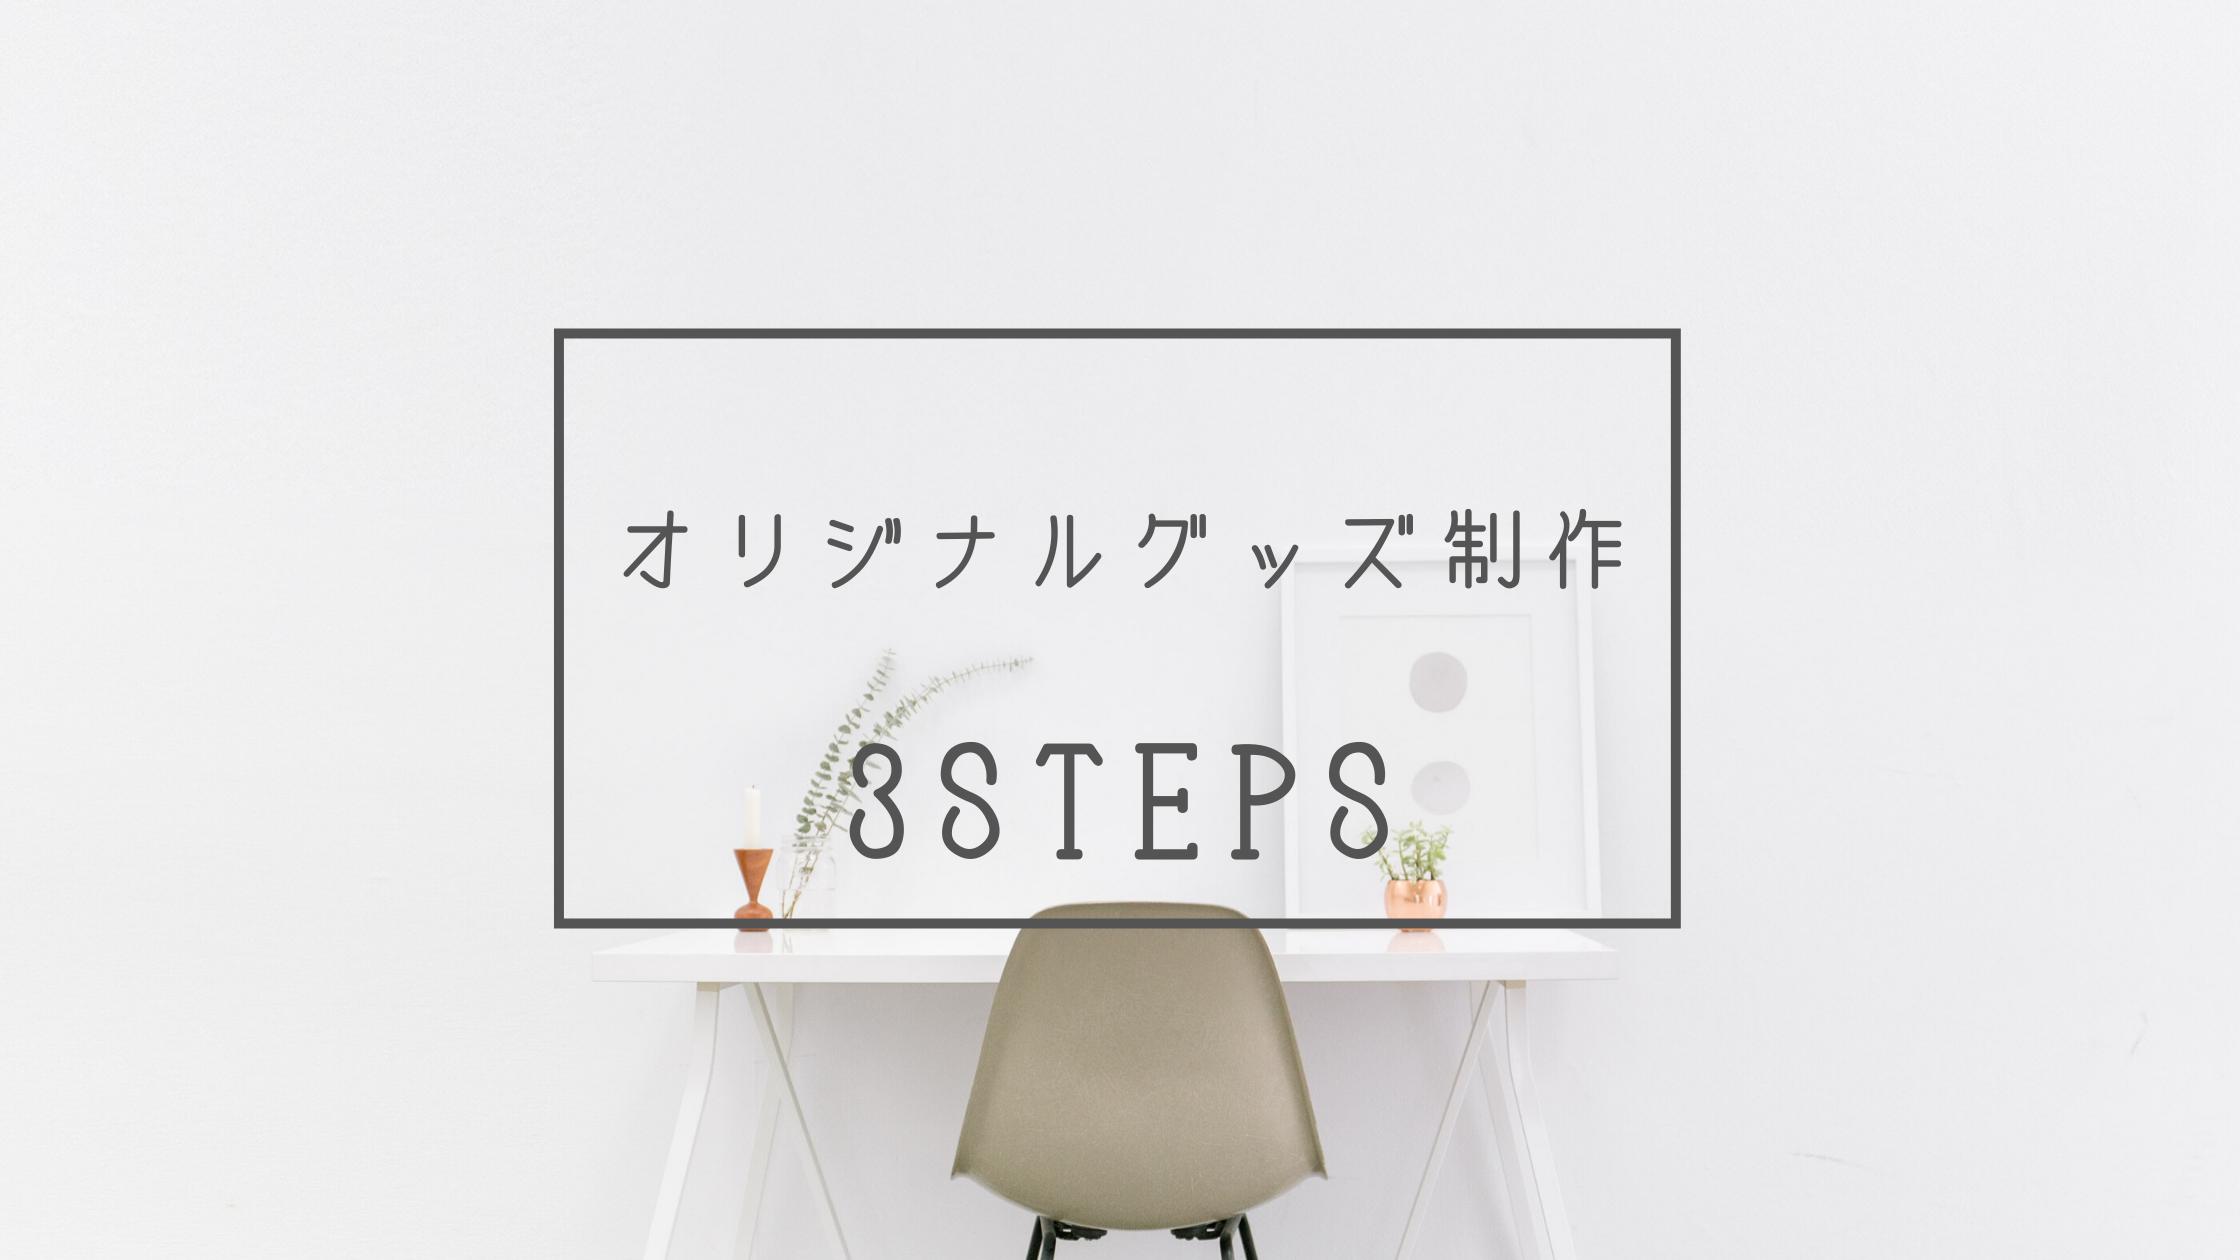 オリジナルグッズ作成の簡単3ステップ